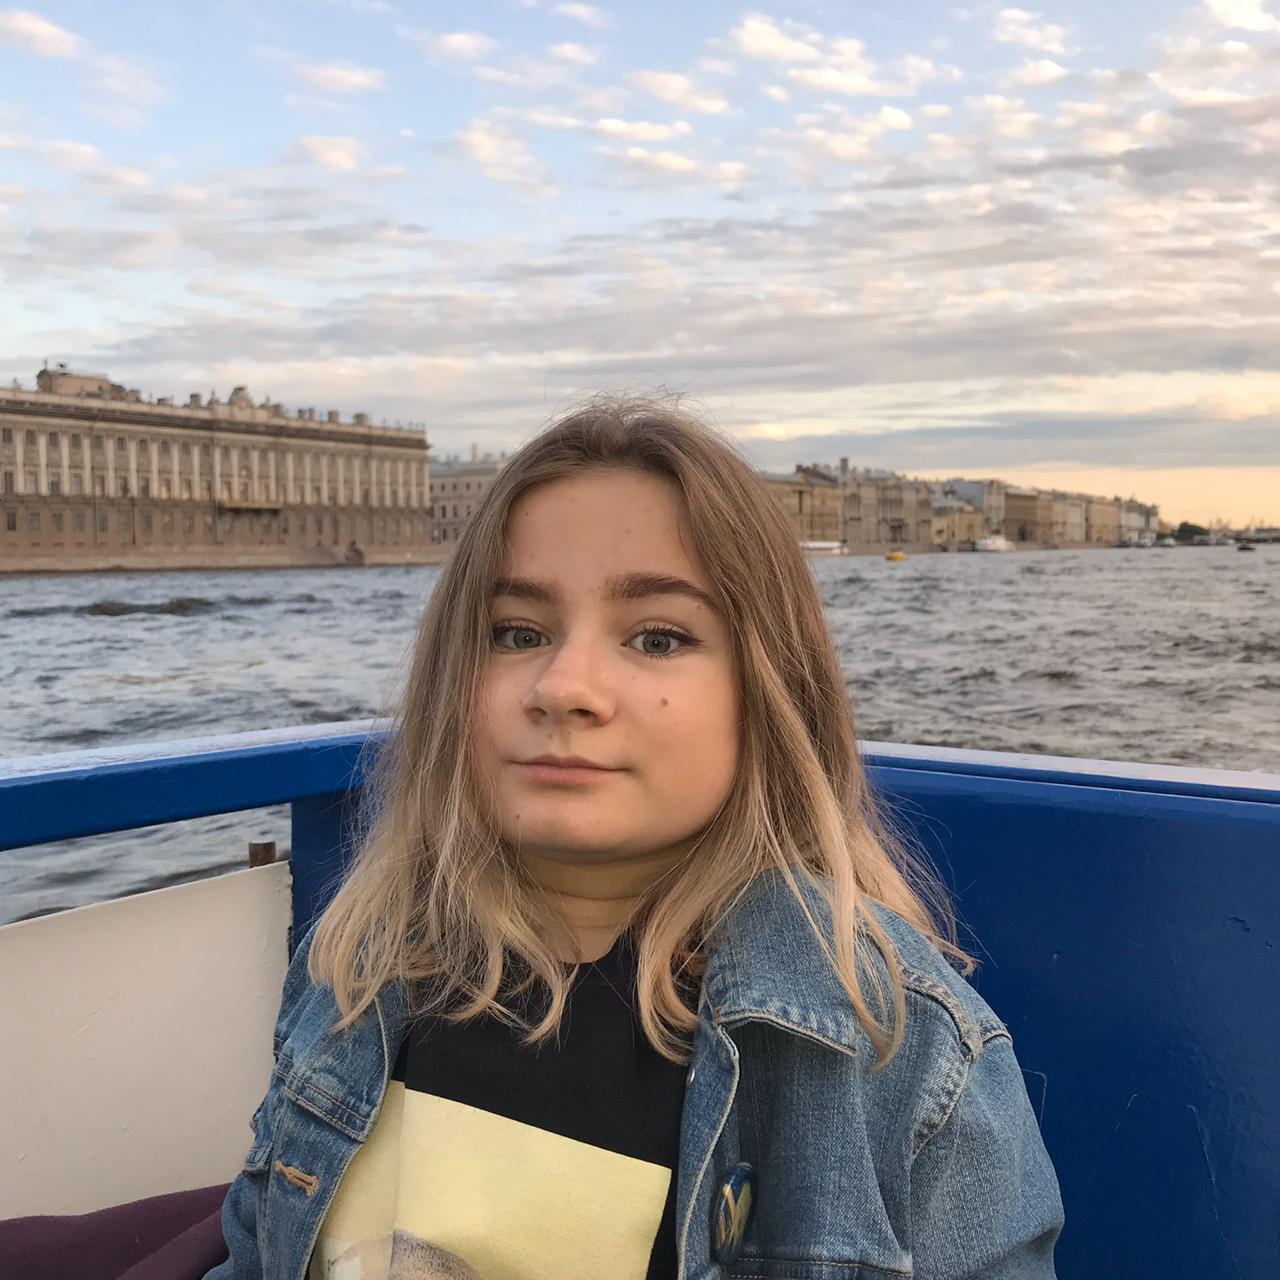 Заставка для - Анастасия Костерина, 15 лет